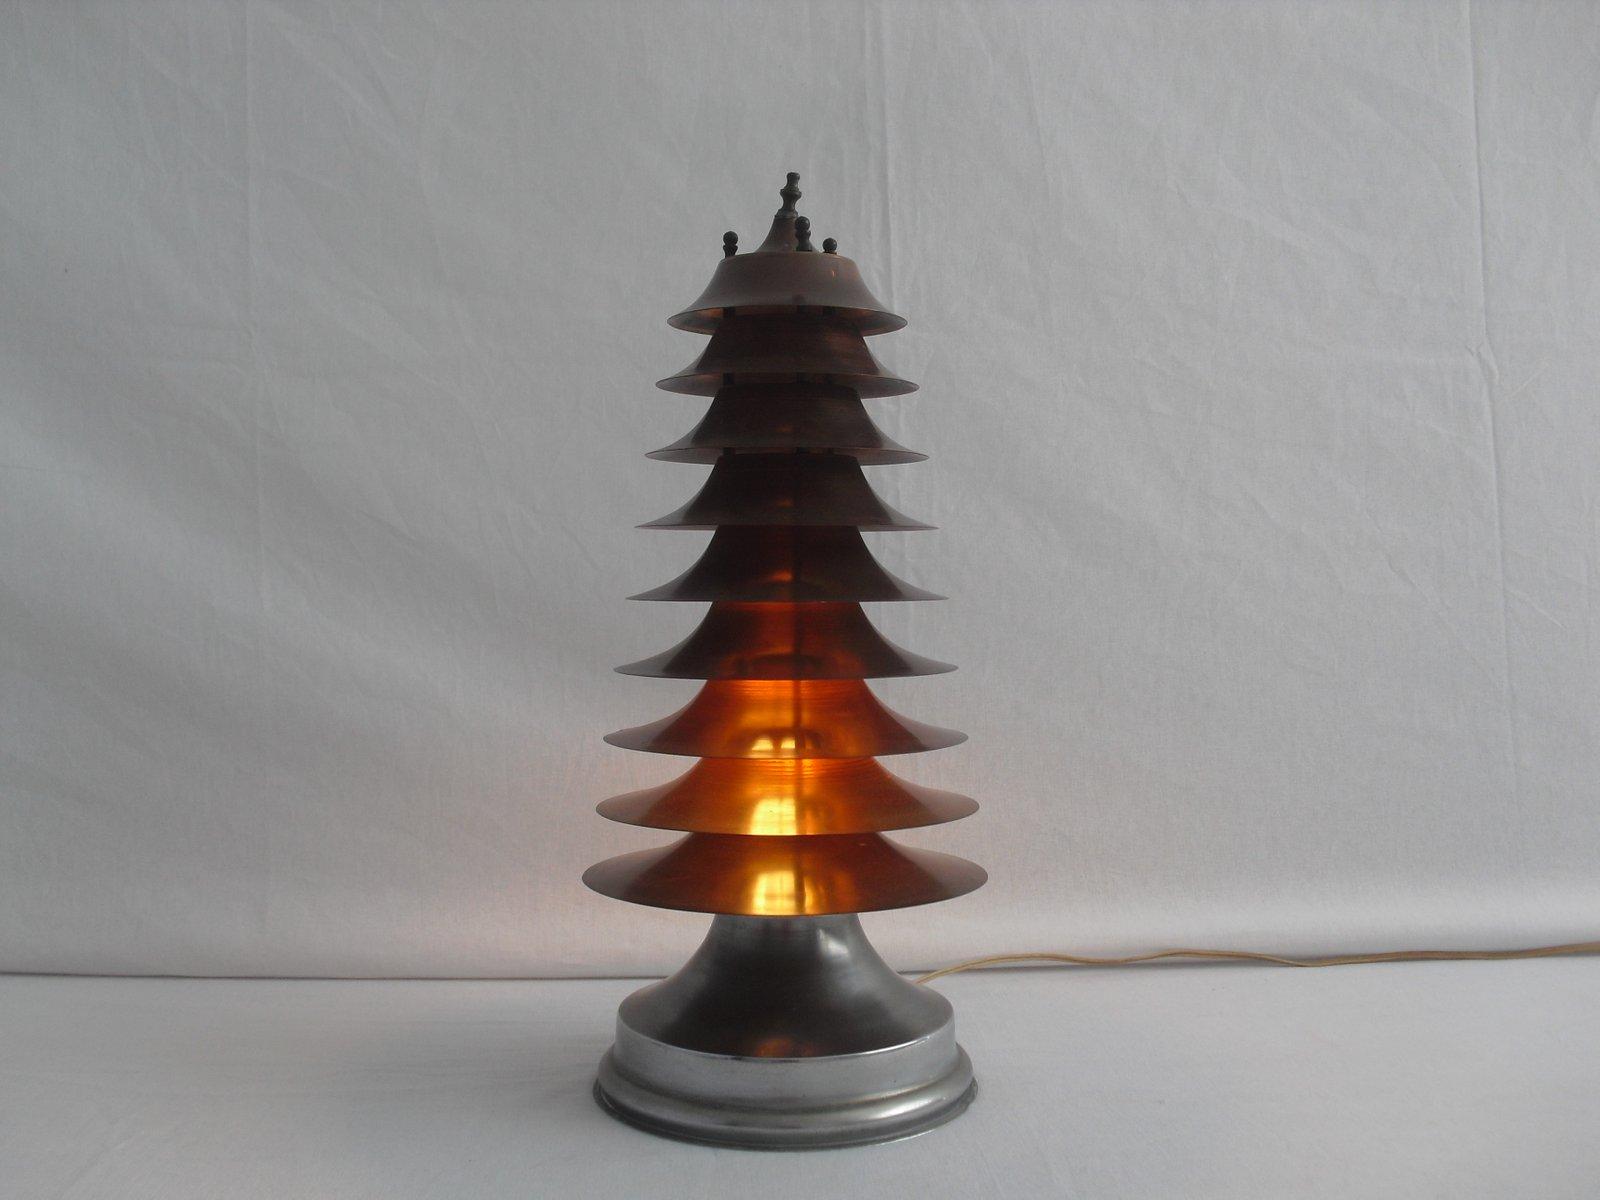 lampe de bureau art d co re de la machine en forme de pagode 1920s en vente sur pamono. Black Bedroom Furniture Sets. Home Design Ideas